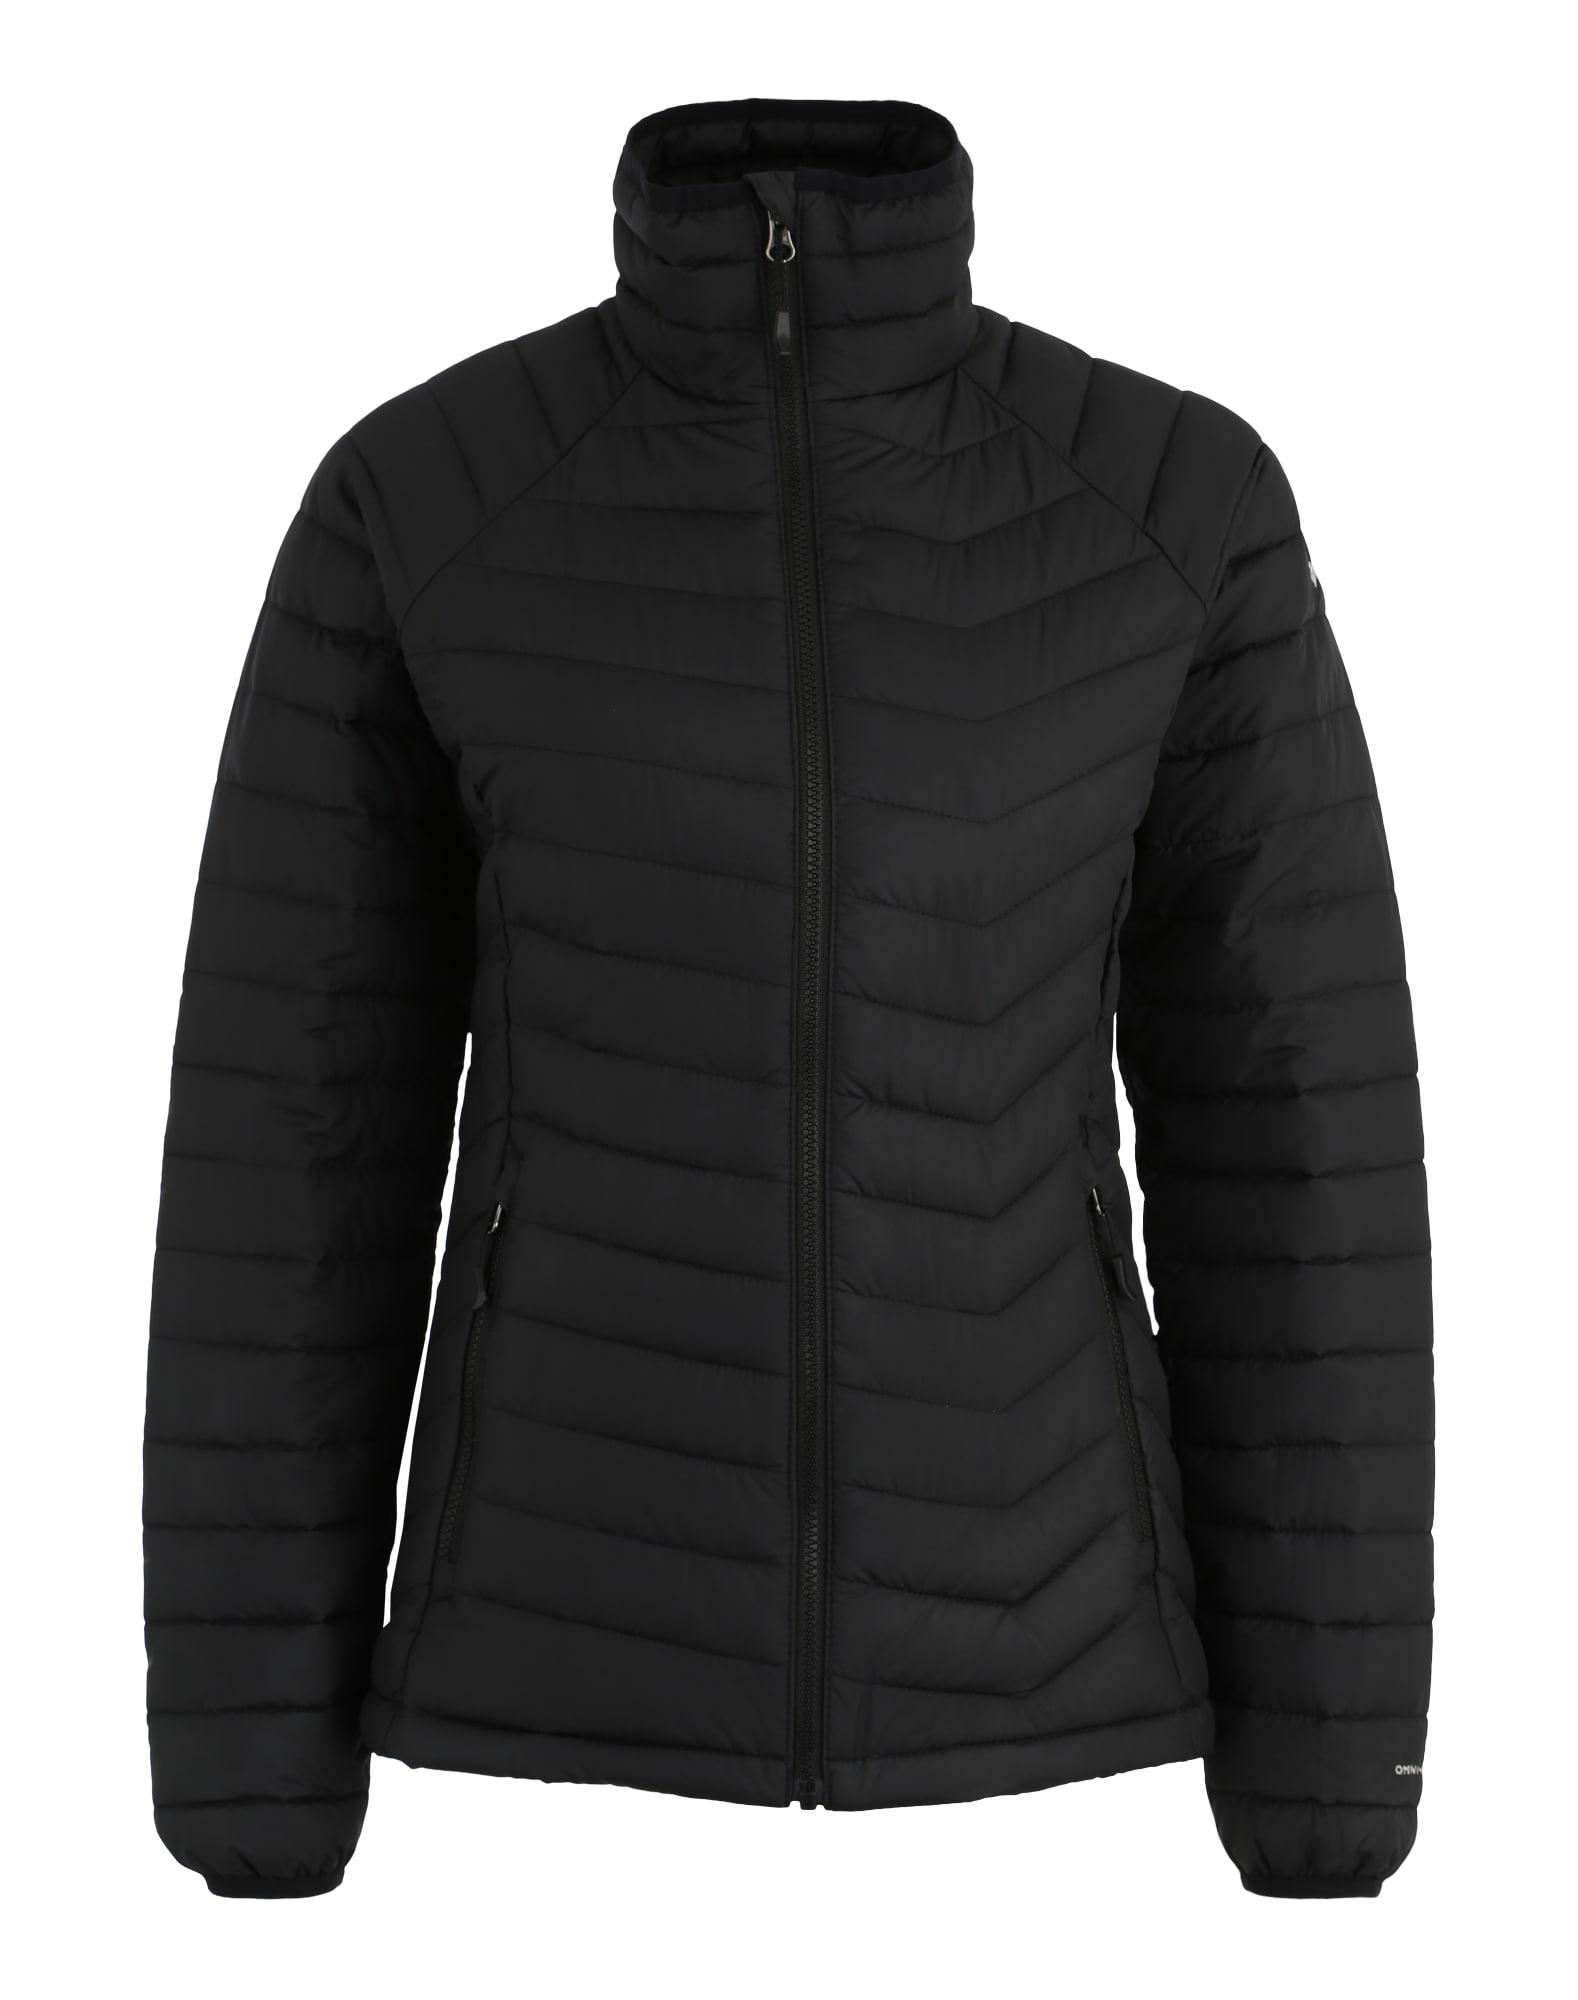 Outdoorová bunda Powder Lite černá COLUMBIA